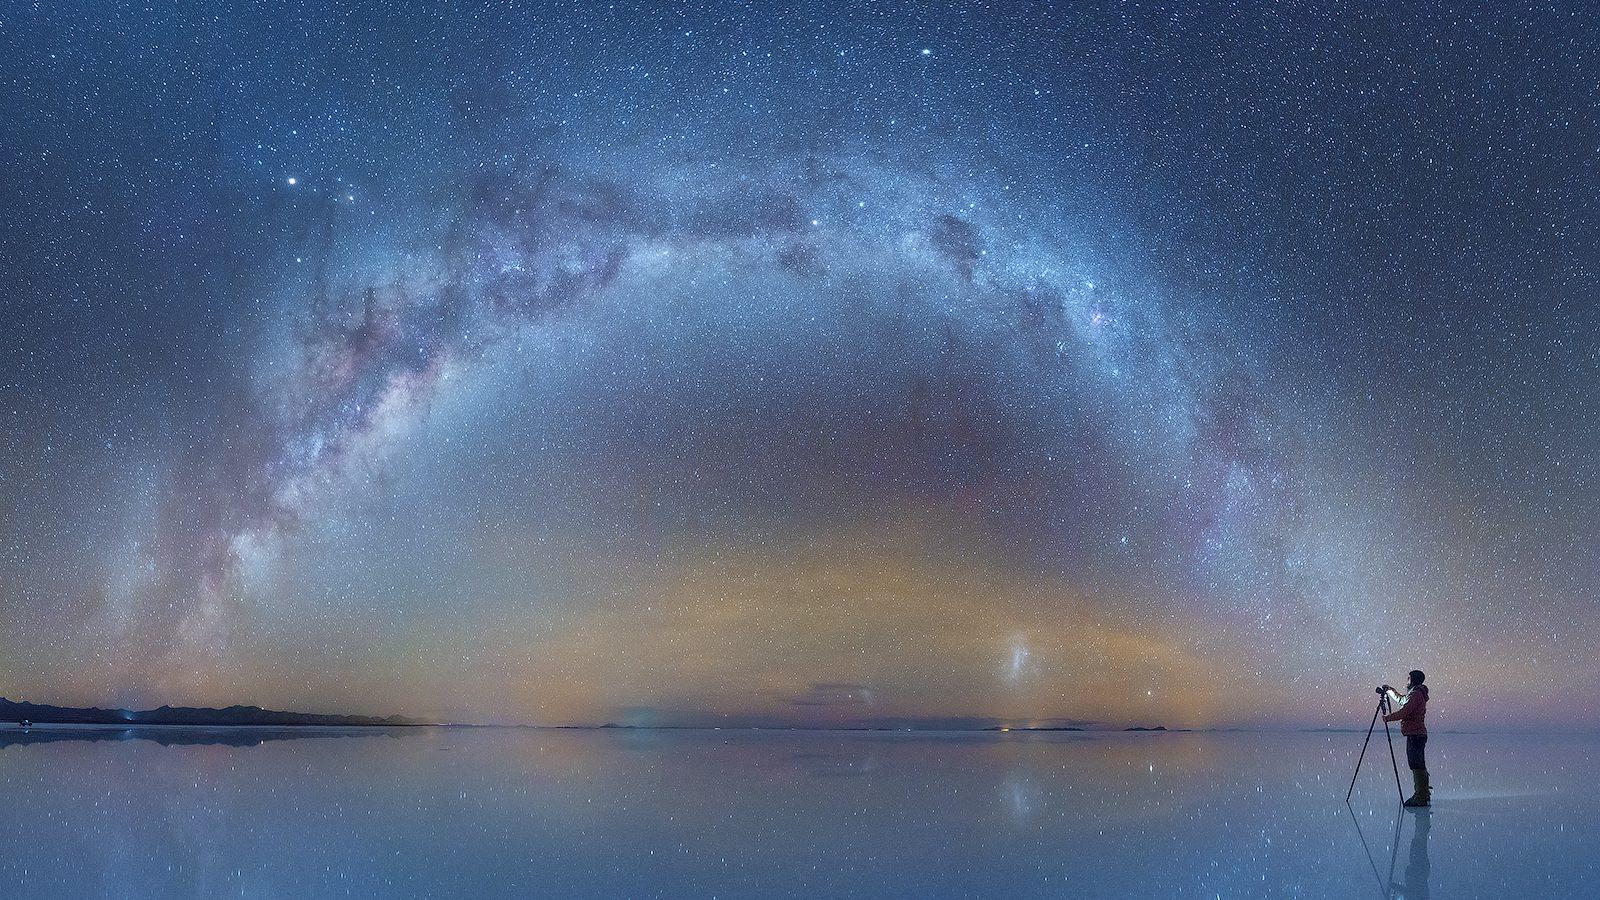 Photo: The Milky Way captured in Bolivia's Salar de Uyuni by a ...